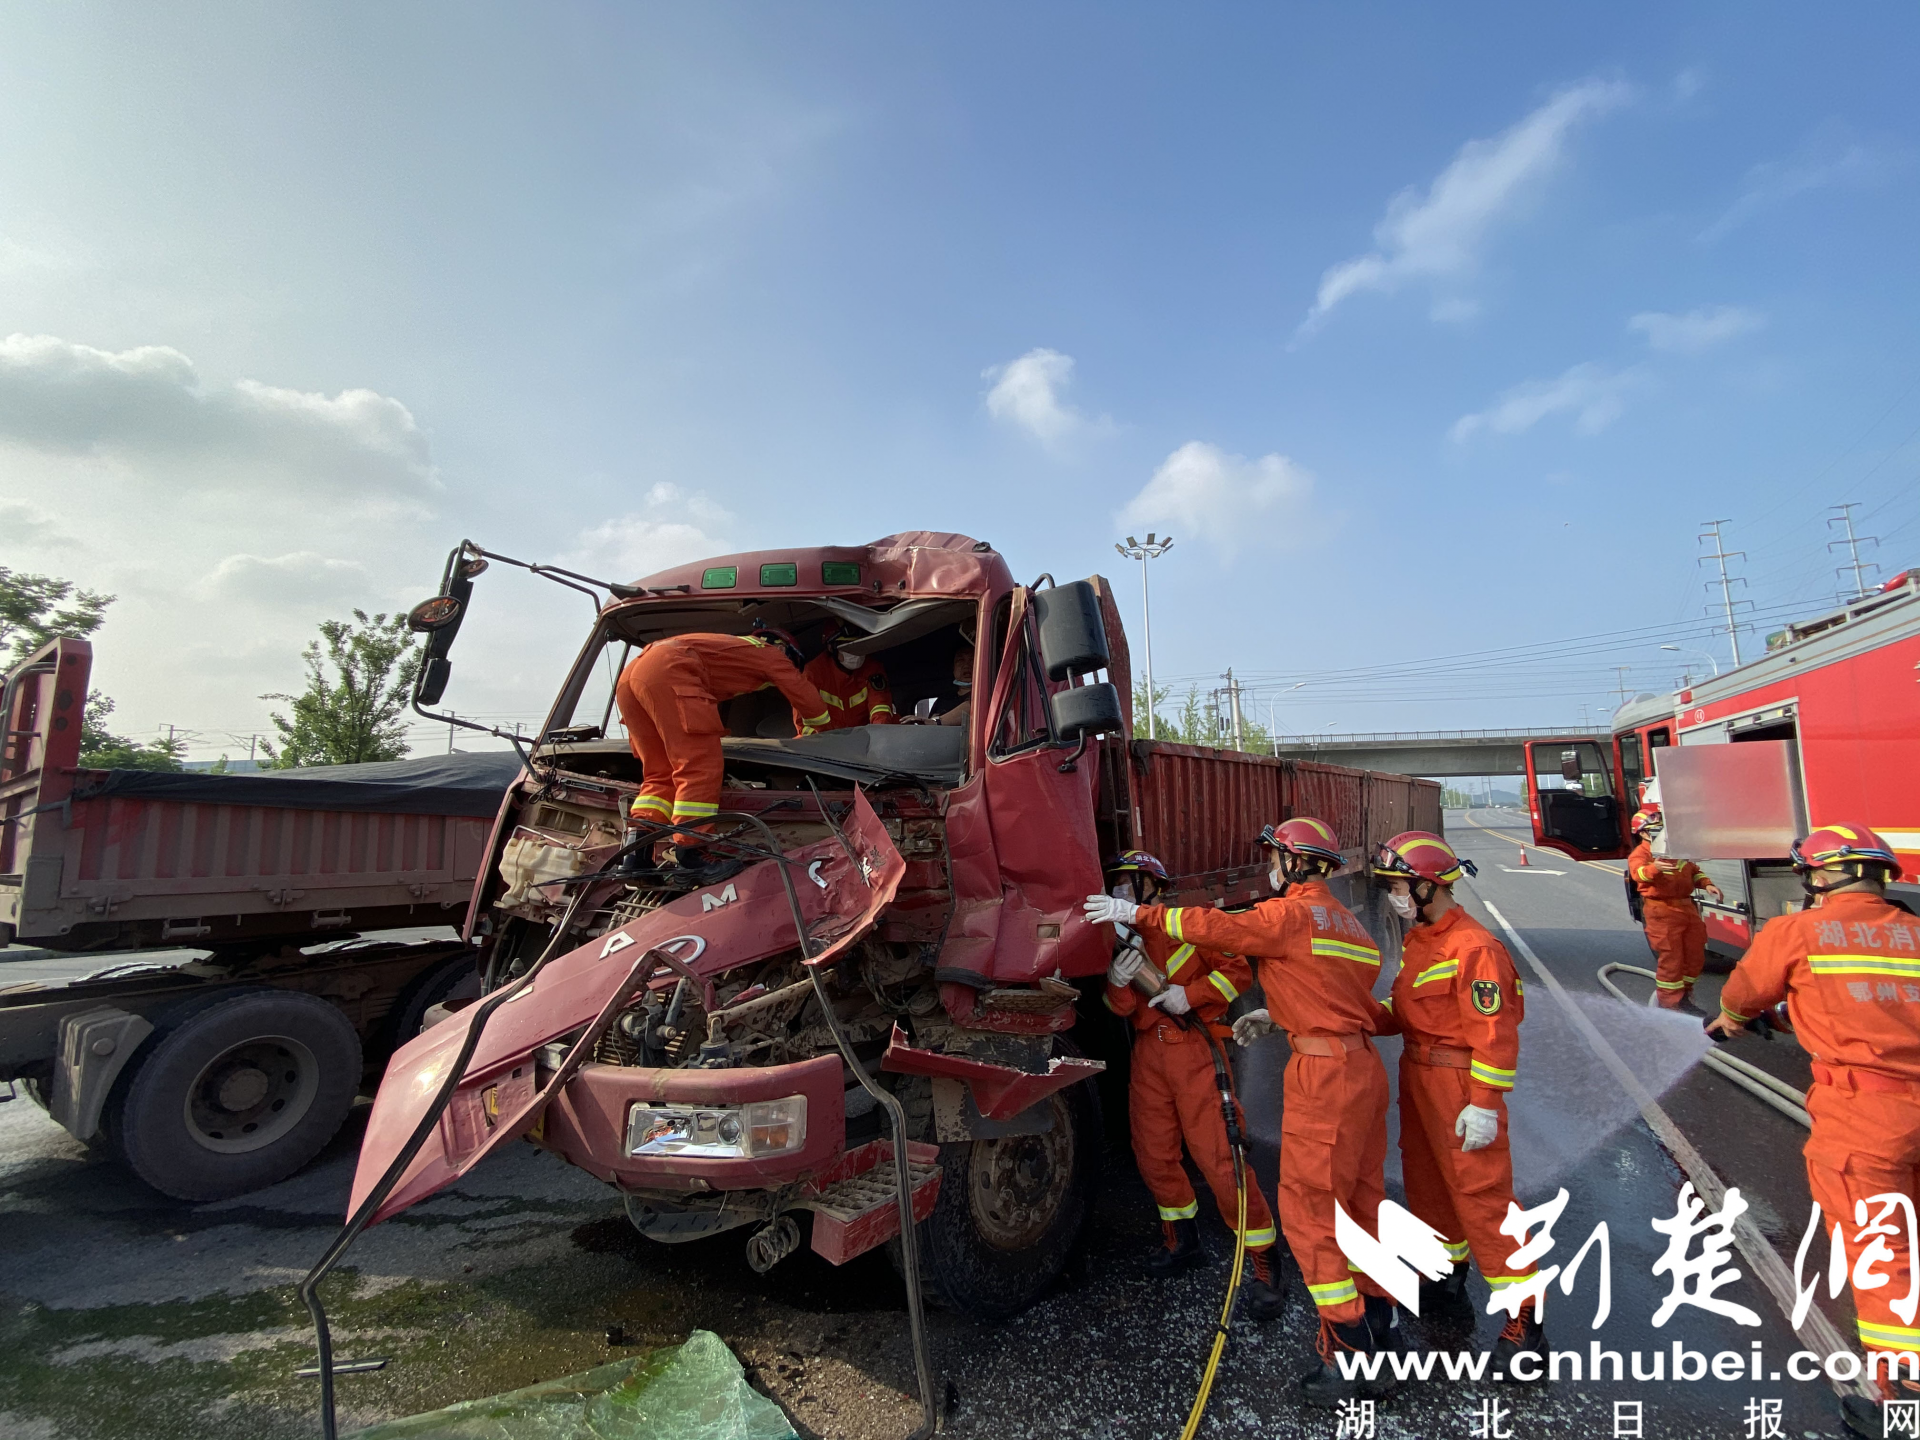 货车相撞变形司机被困 鄂州消防破拆救人(图2)